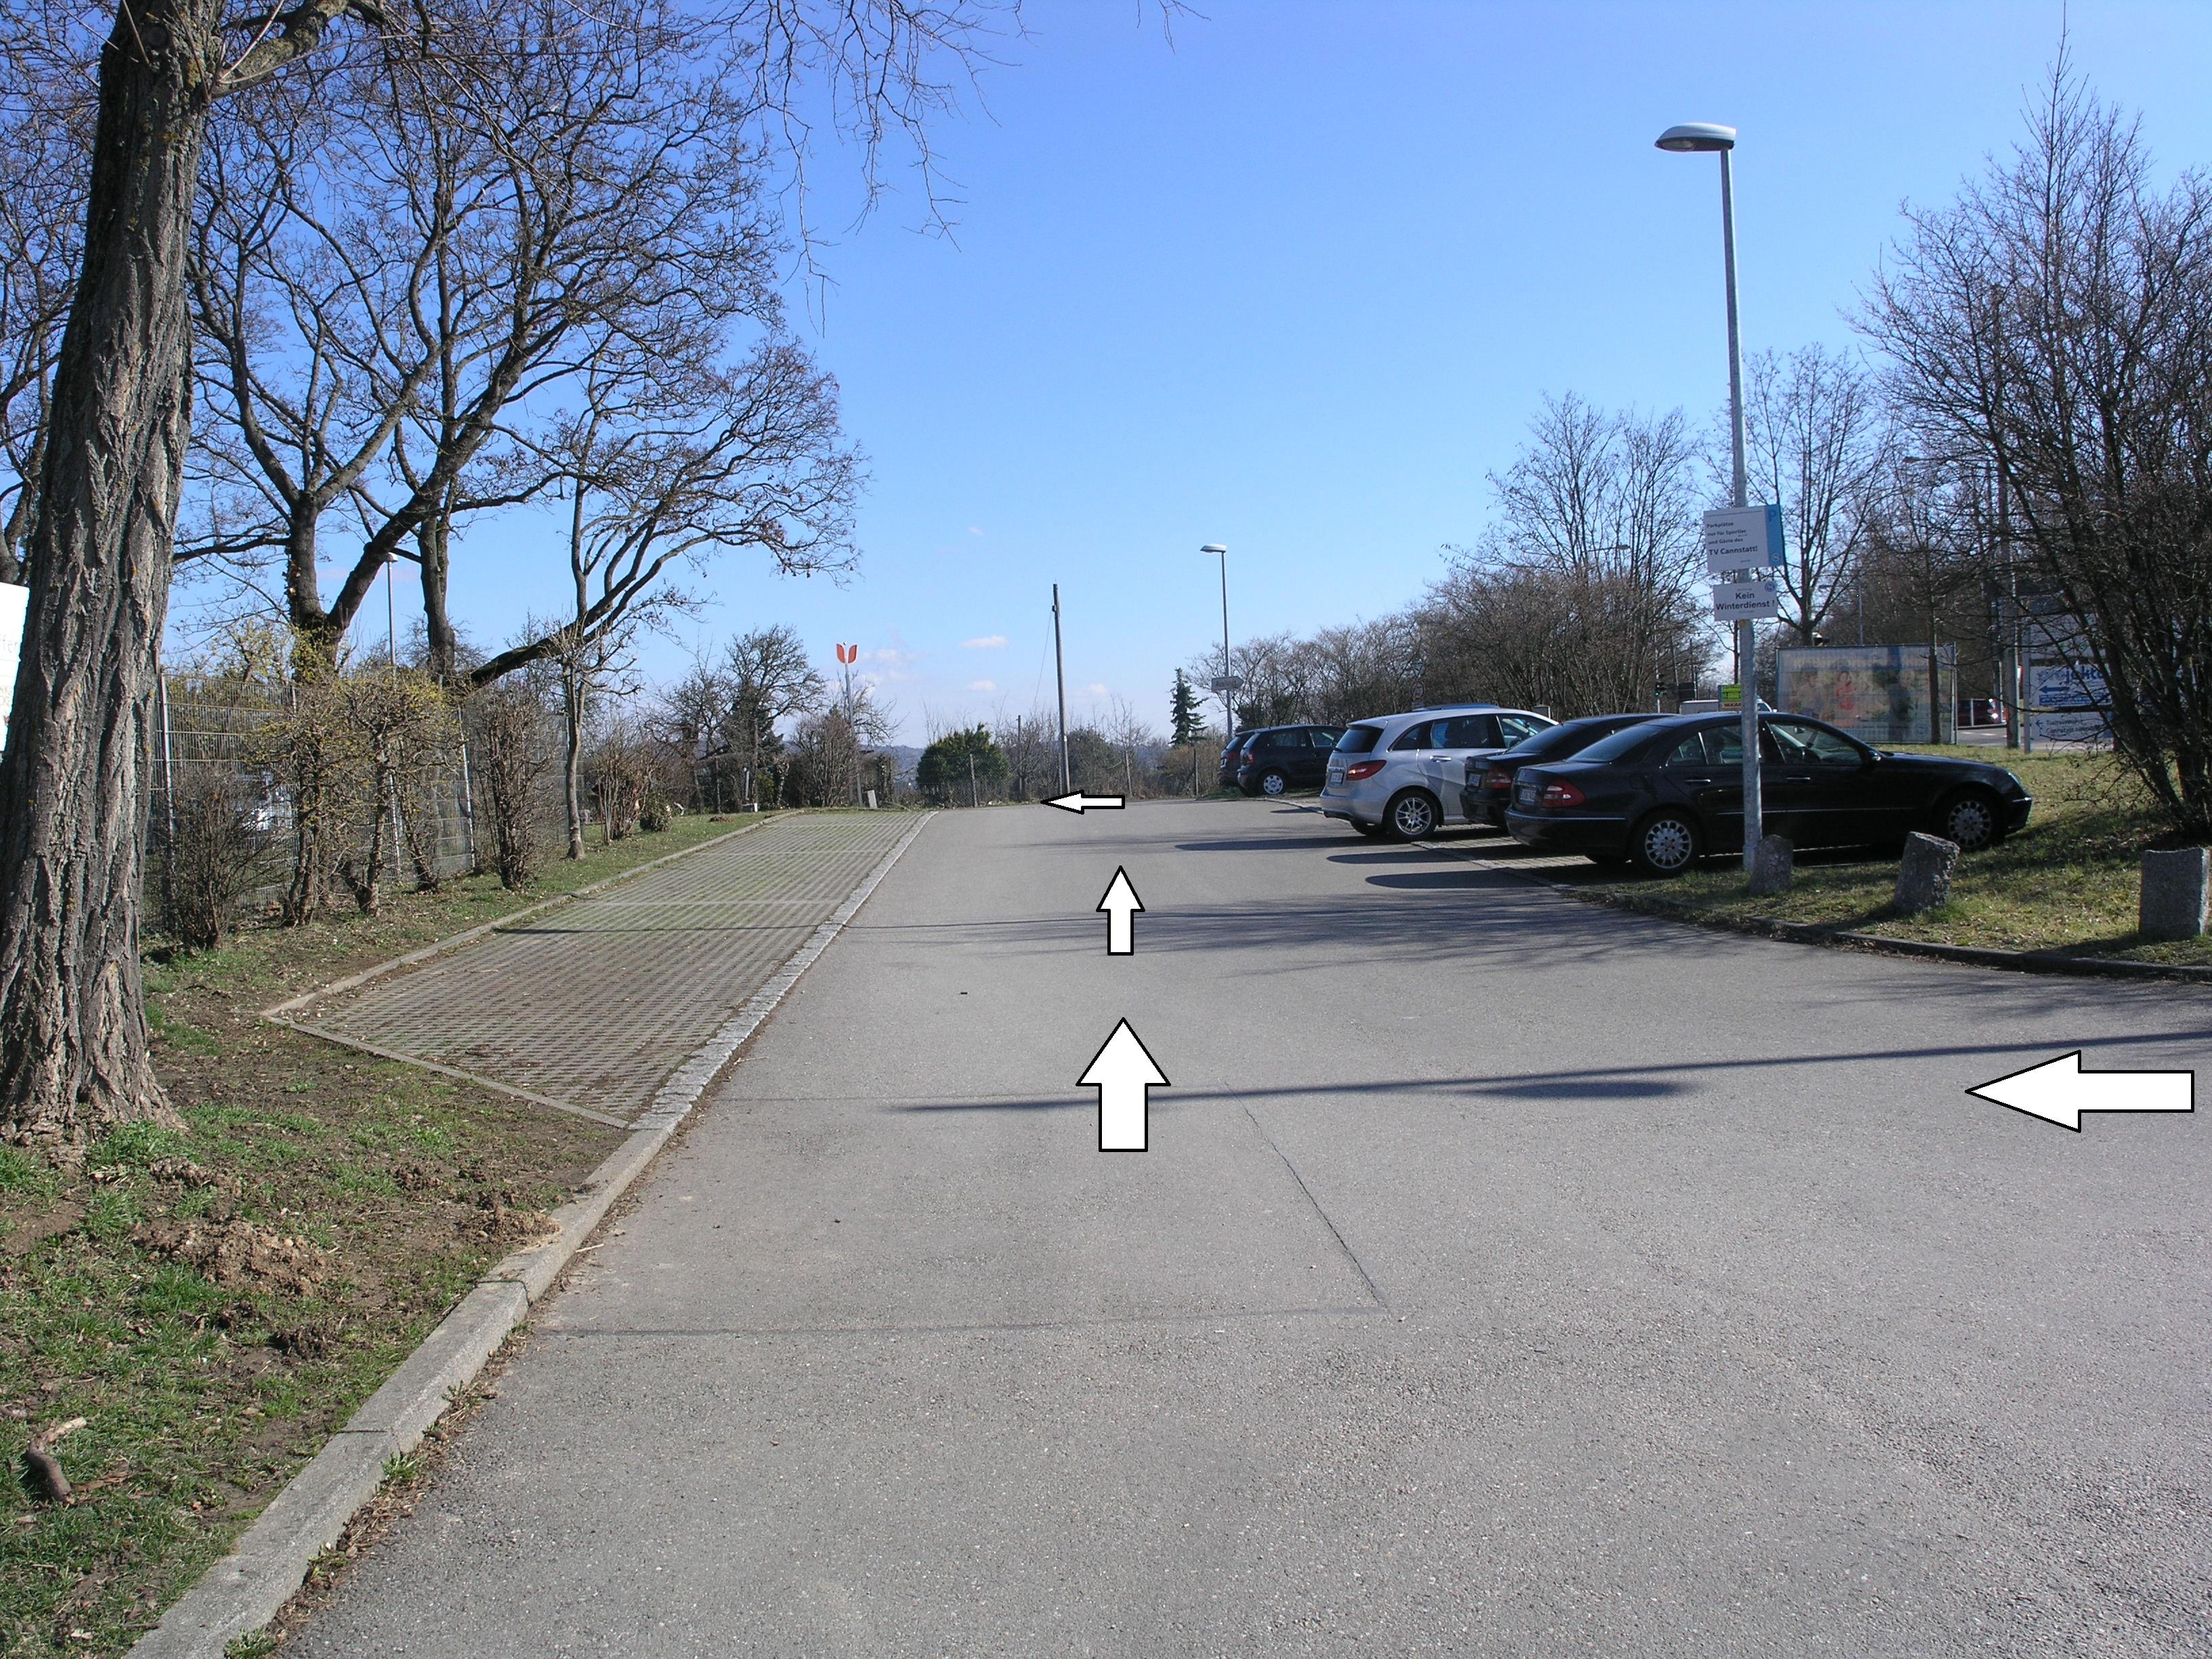 Nach dem abbiegen, fahren Sie links weiter und folgen der Straße.